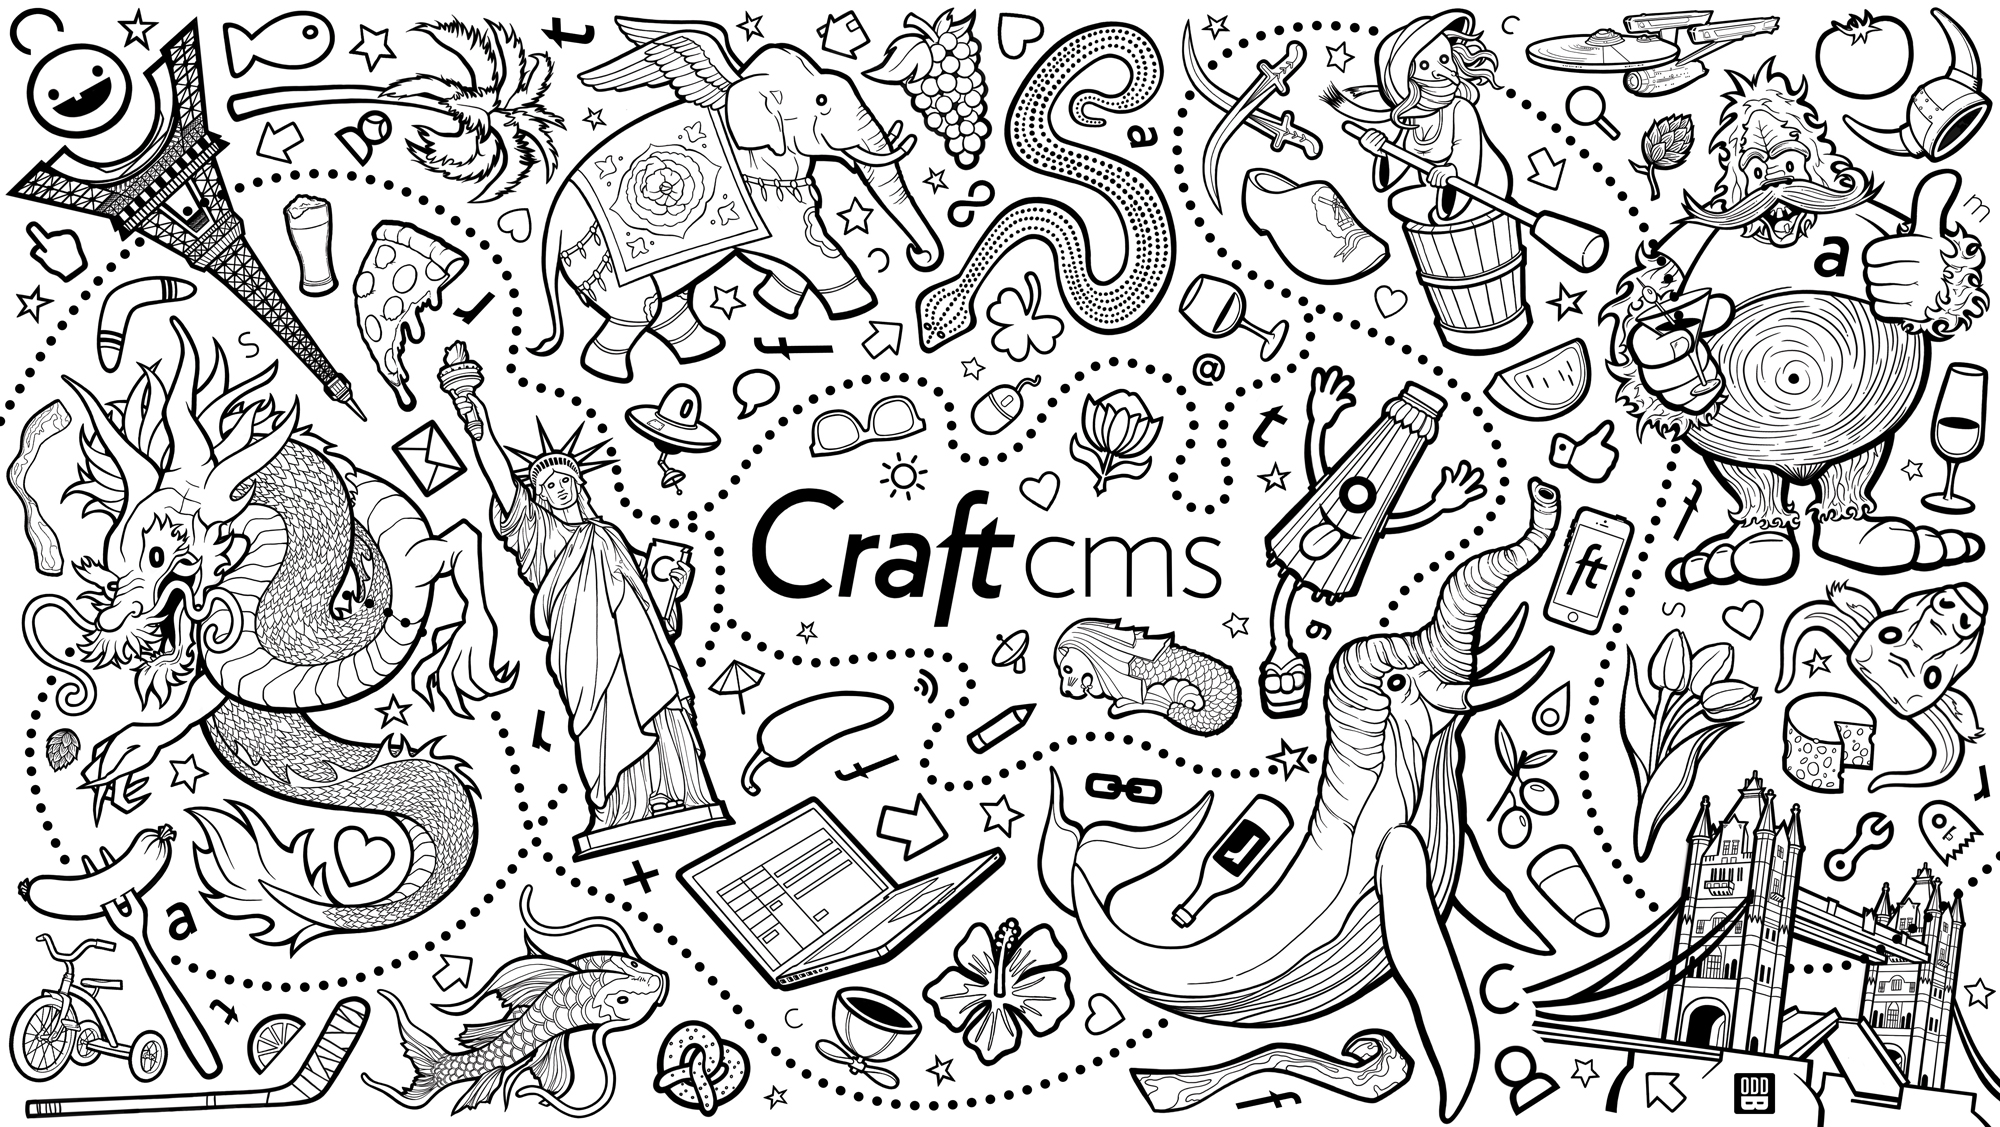 craft3-installer-6000x3600-FINAL-1-sml.jpg